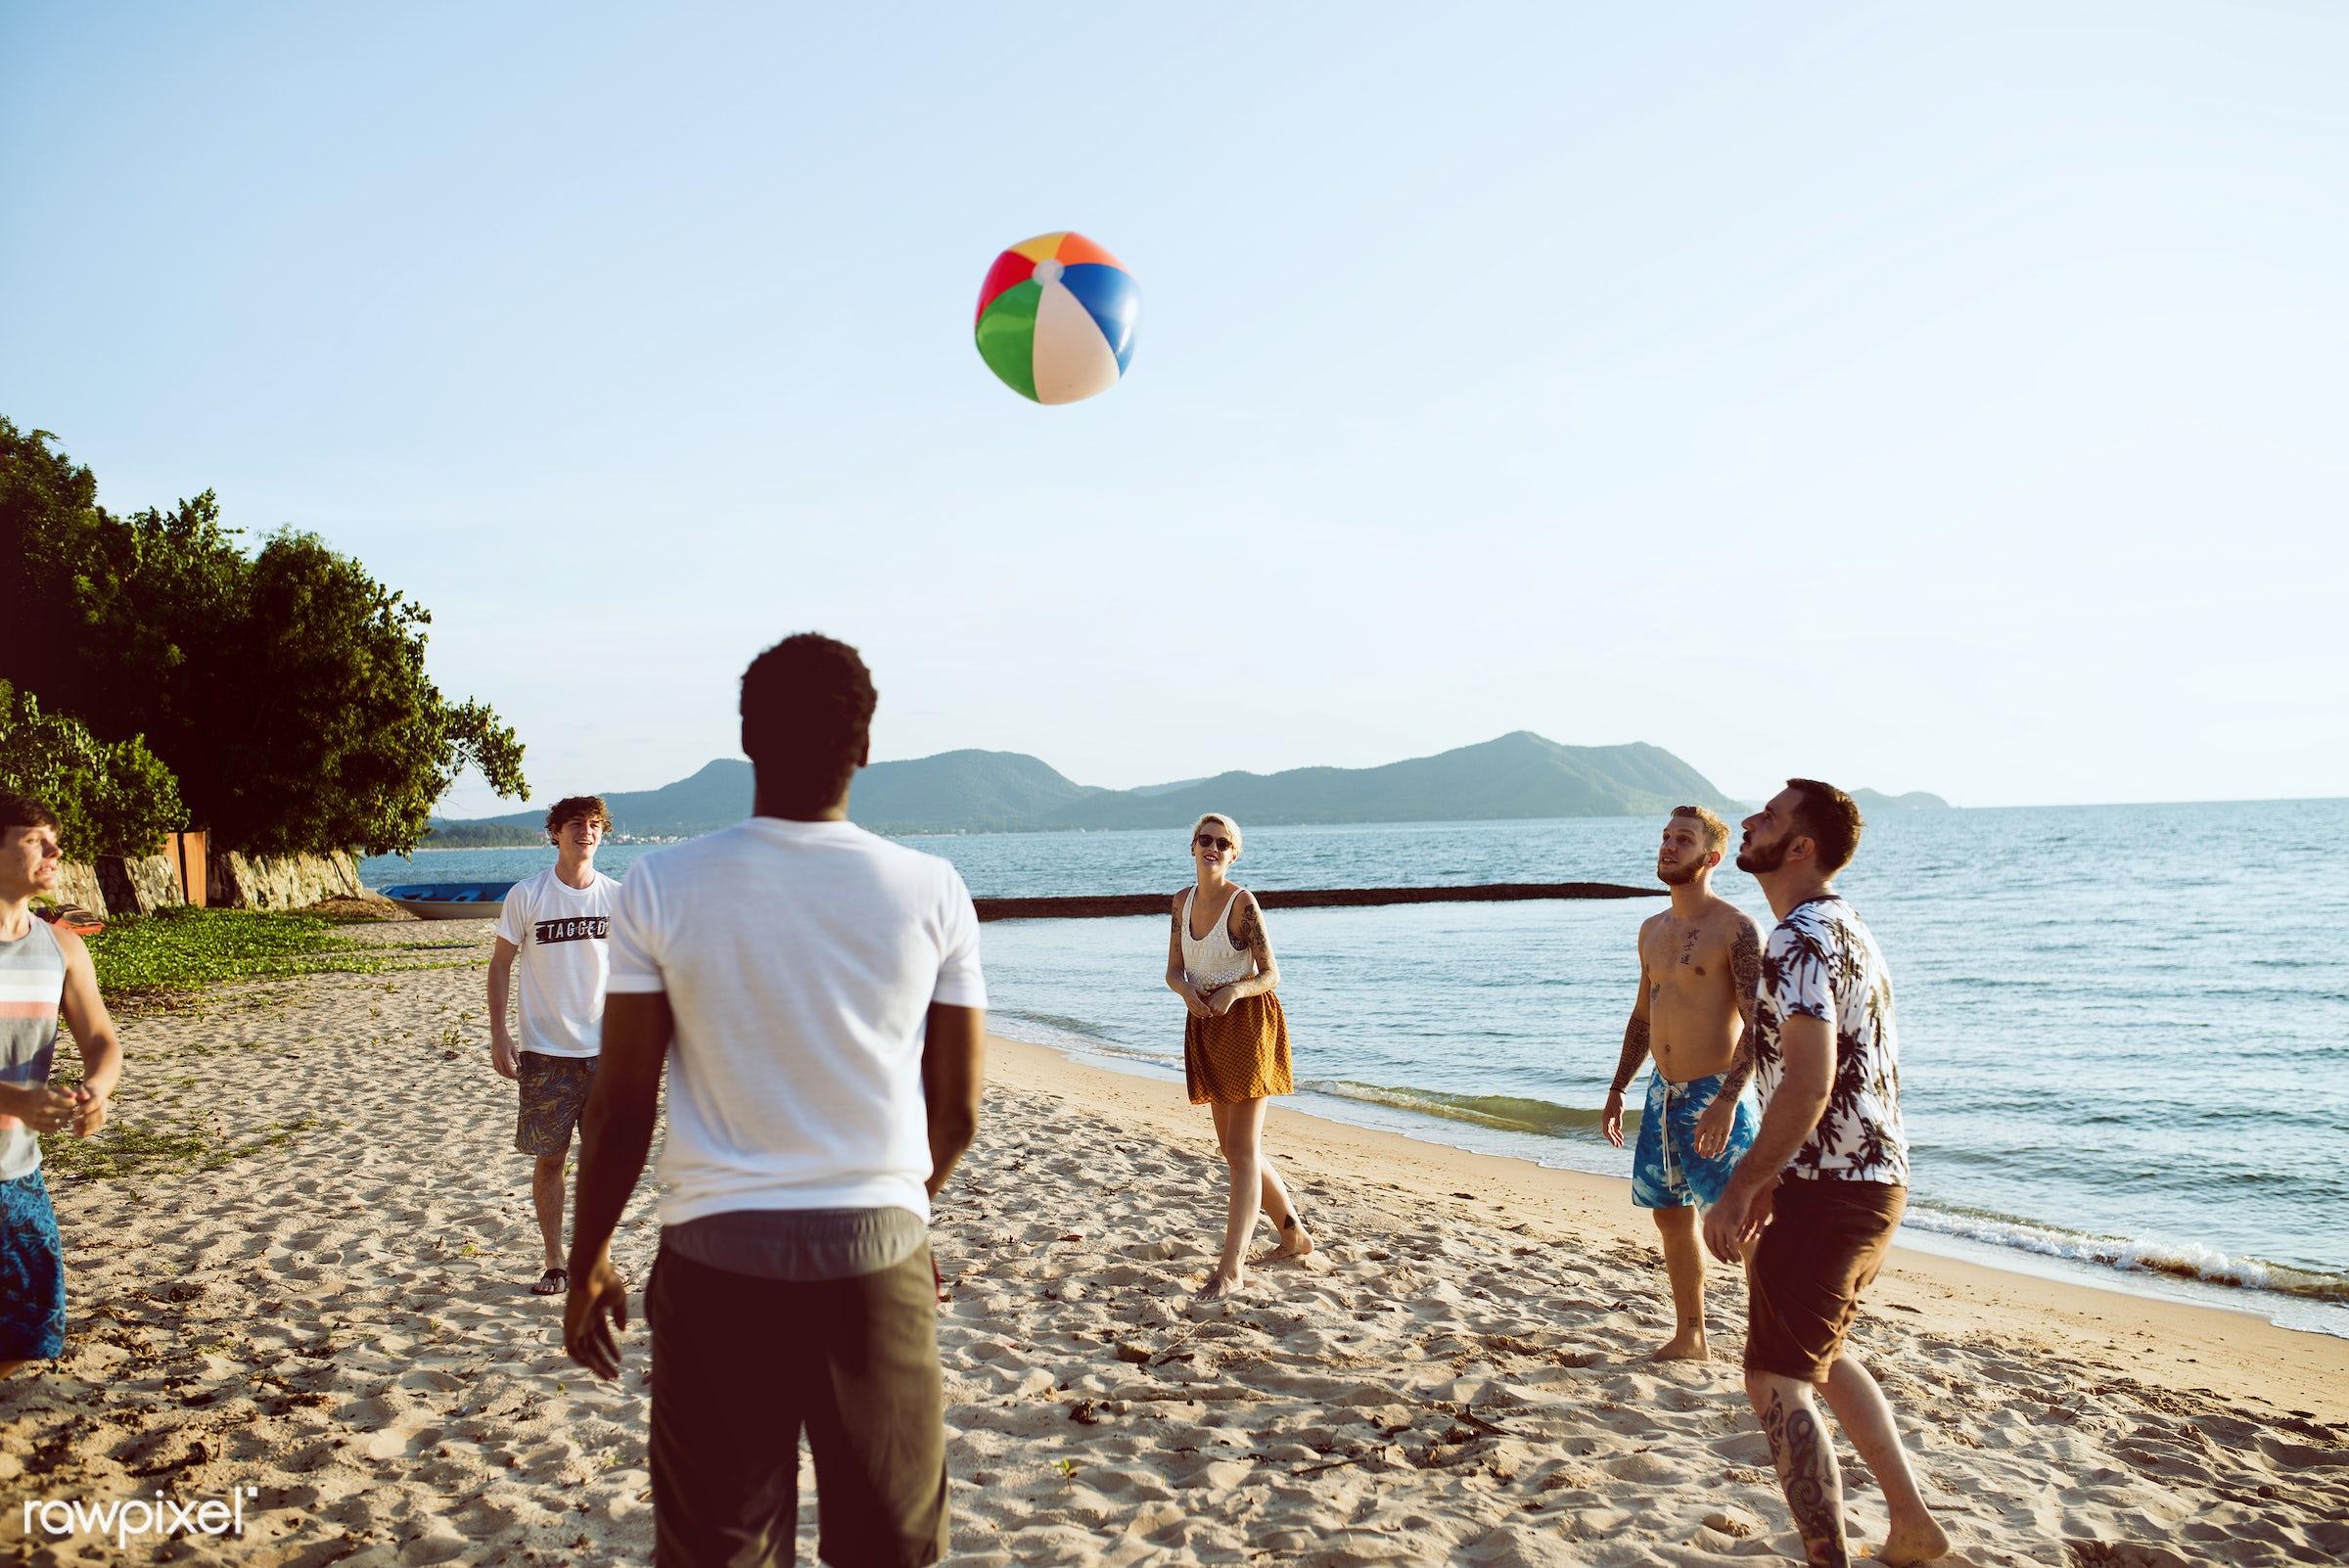 beach, summer, happiness, activity, ball, beach ball, break, cheerful, coast, diverse, enjoying, friends, fun, group,...